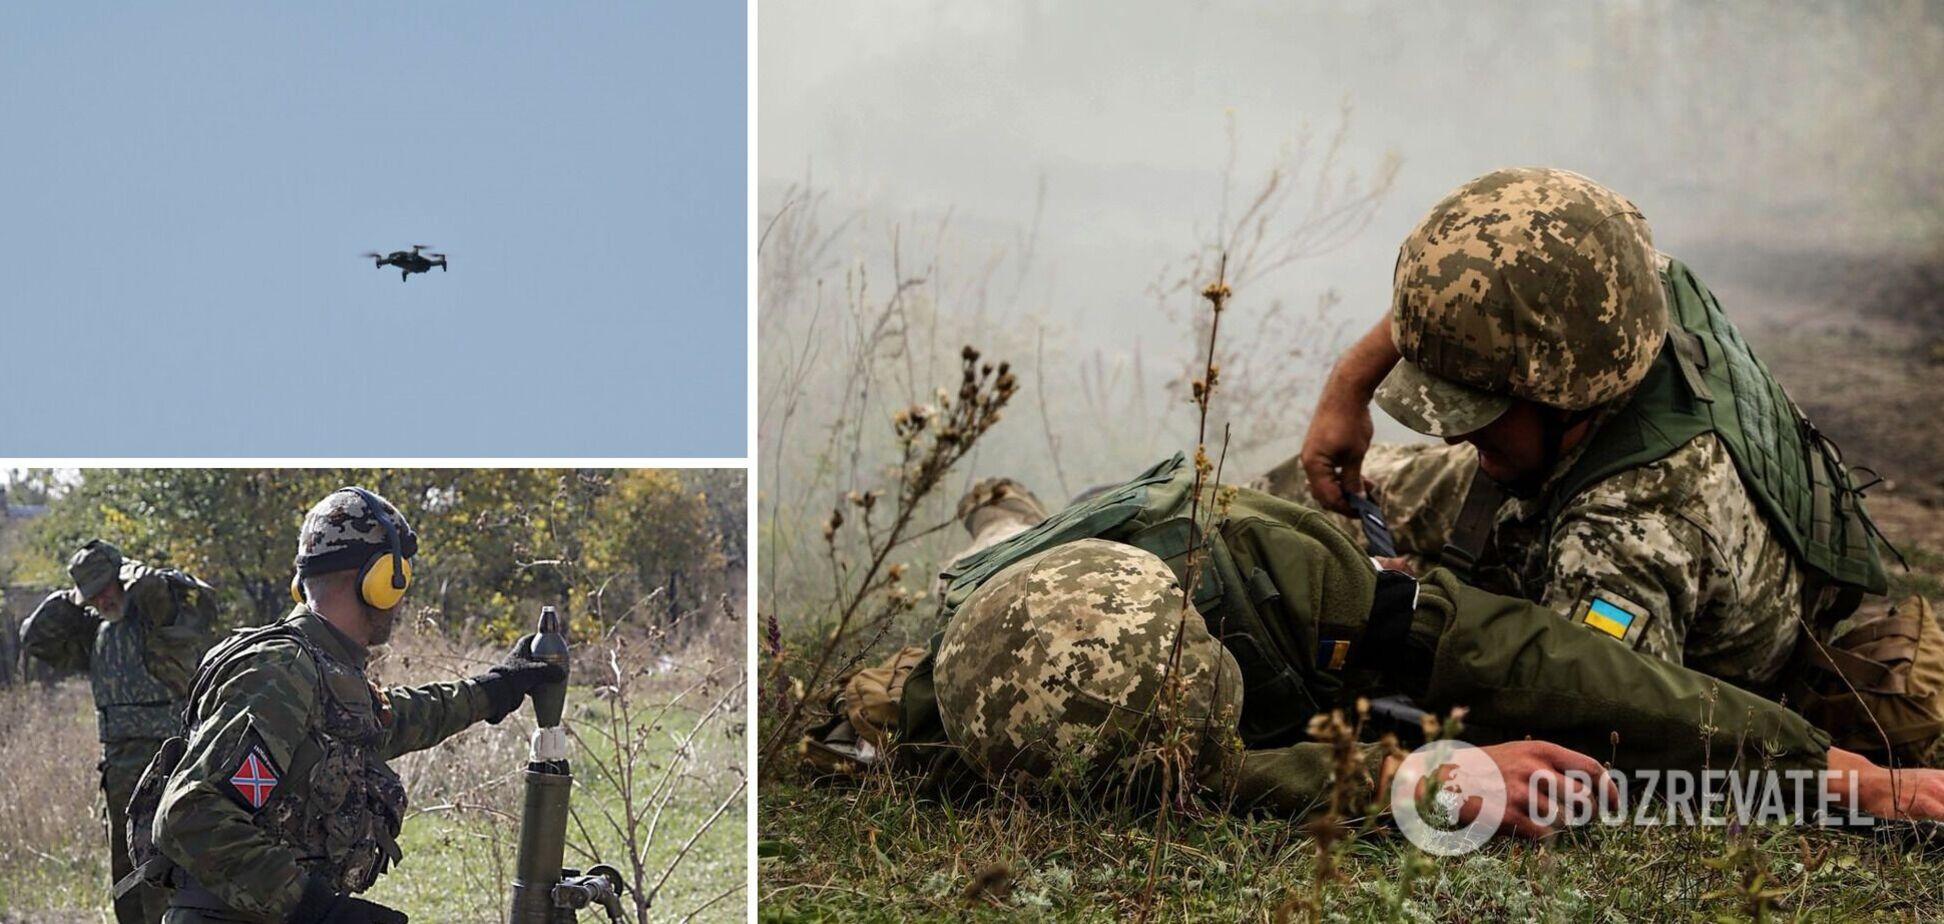 Російські окупанти на Донбасі скинули на воїнів ЗСУ гранати, одного поранено